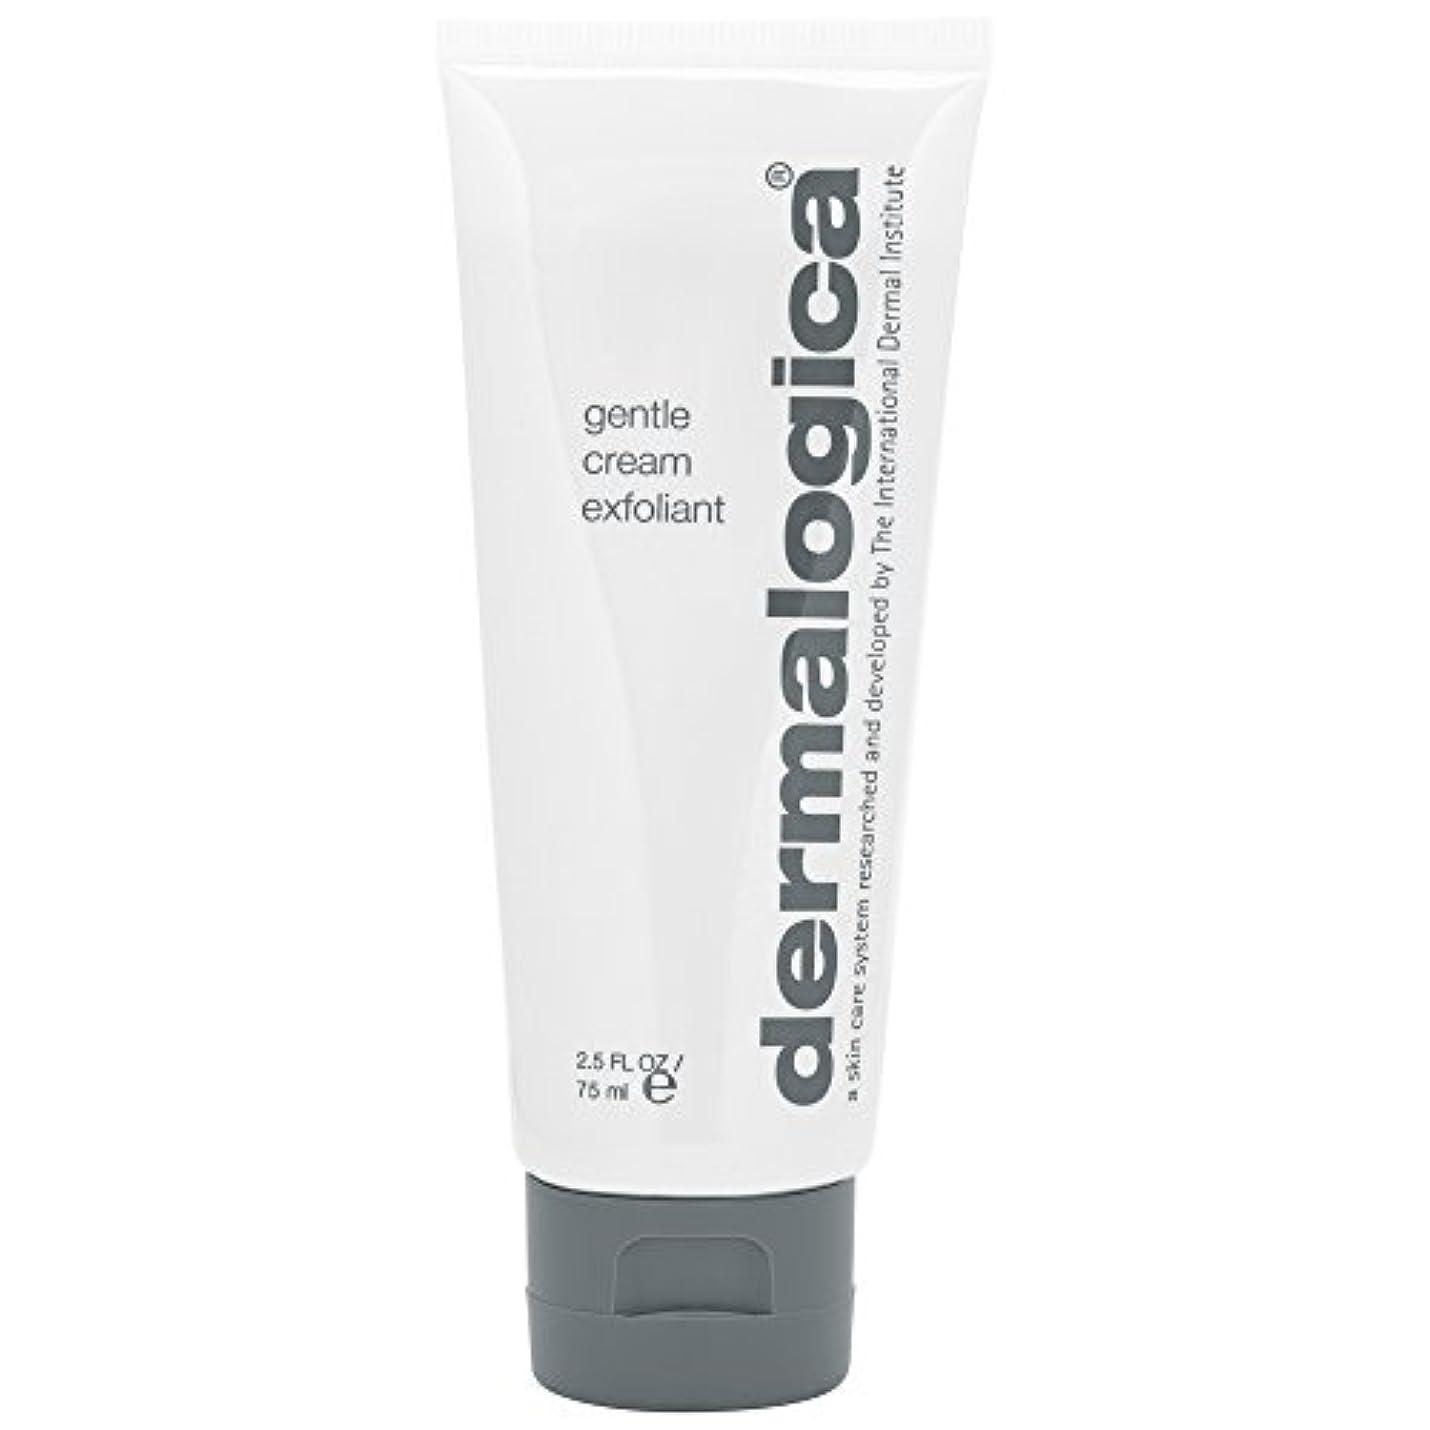 抜け目がないフィルタ処方ダーマロジカ優しいクリーム剥脱75ミリリットル (Dermalogica) (x6) - Dermalogica Gentle Cream Exfoliant 75ml (Pack of 6) [並行輸入品]